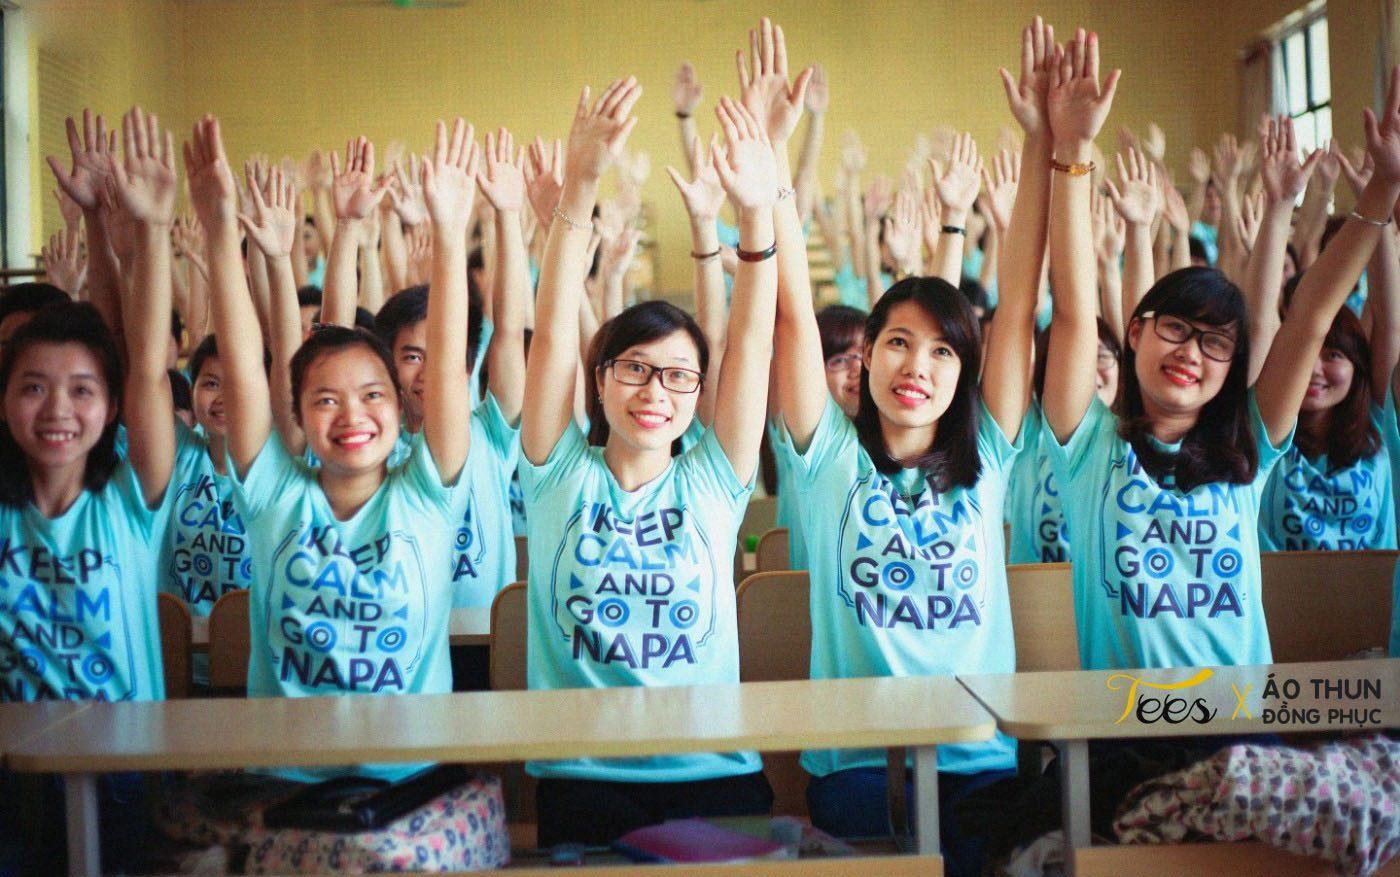 KH13HCH3 111 - Sắc xanh áo thun lớp KH13HCH3 – Học viện Hành chính Quốc gia